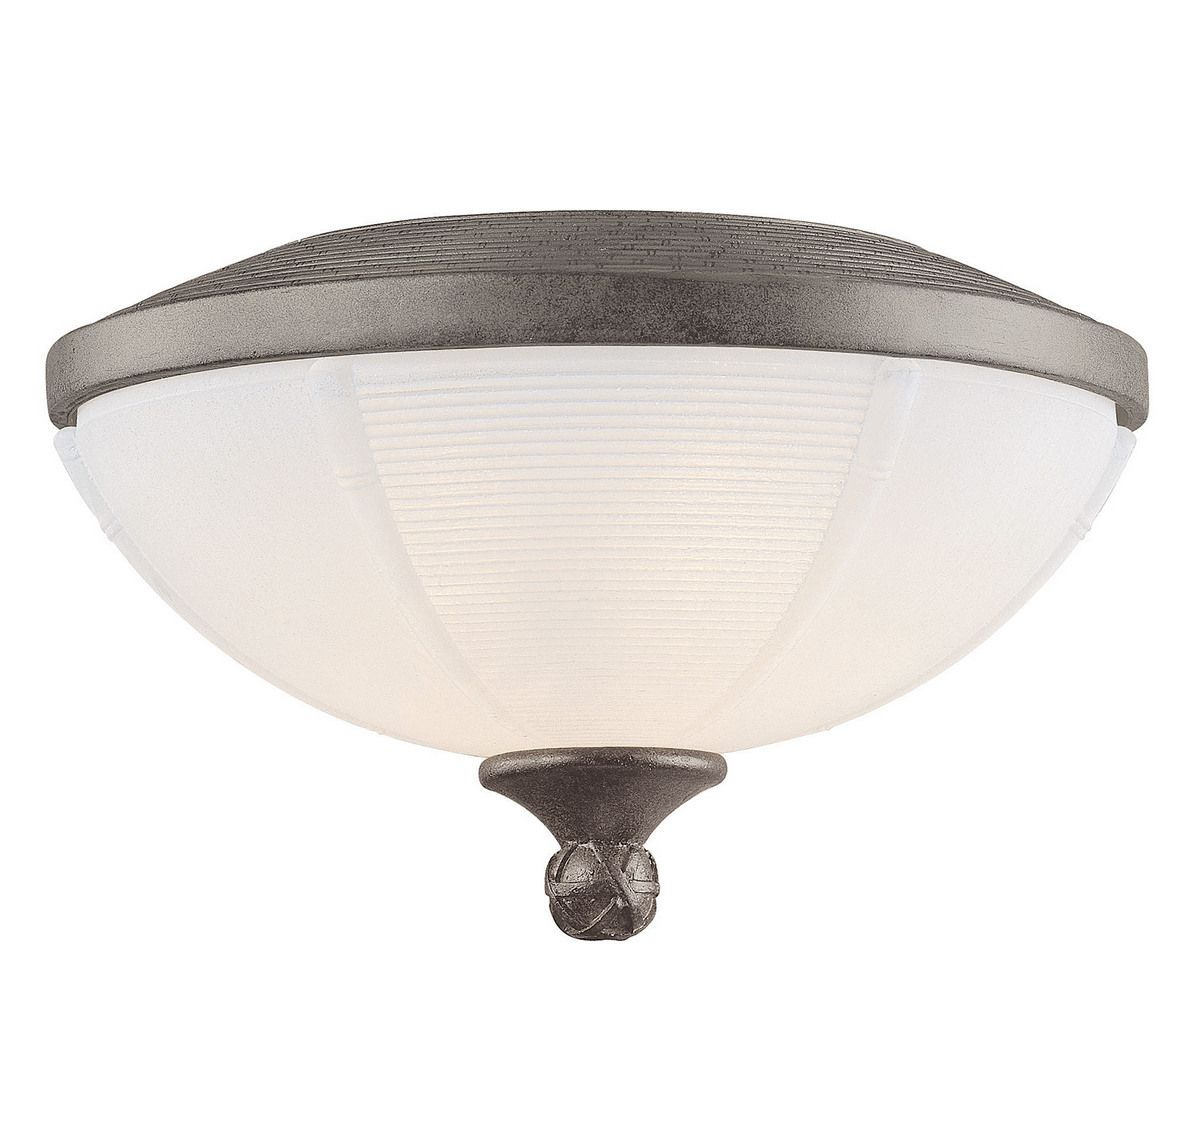 Savoy House Danville 3 Light Fan Light Kit In Aged Wood